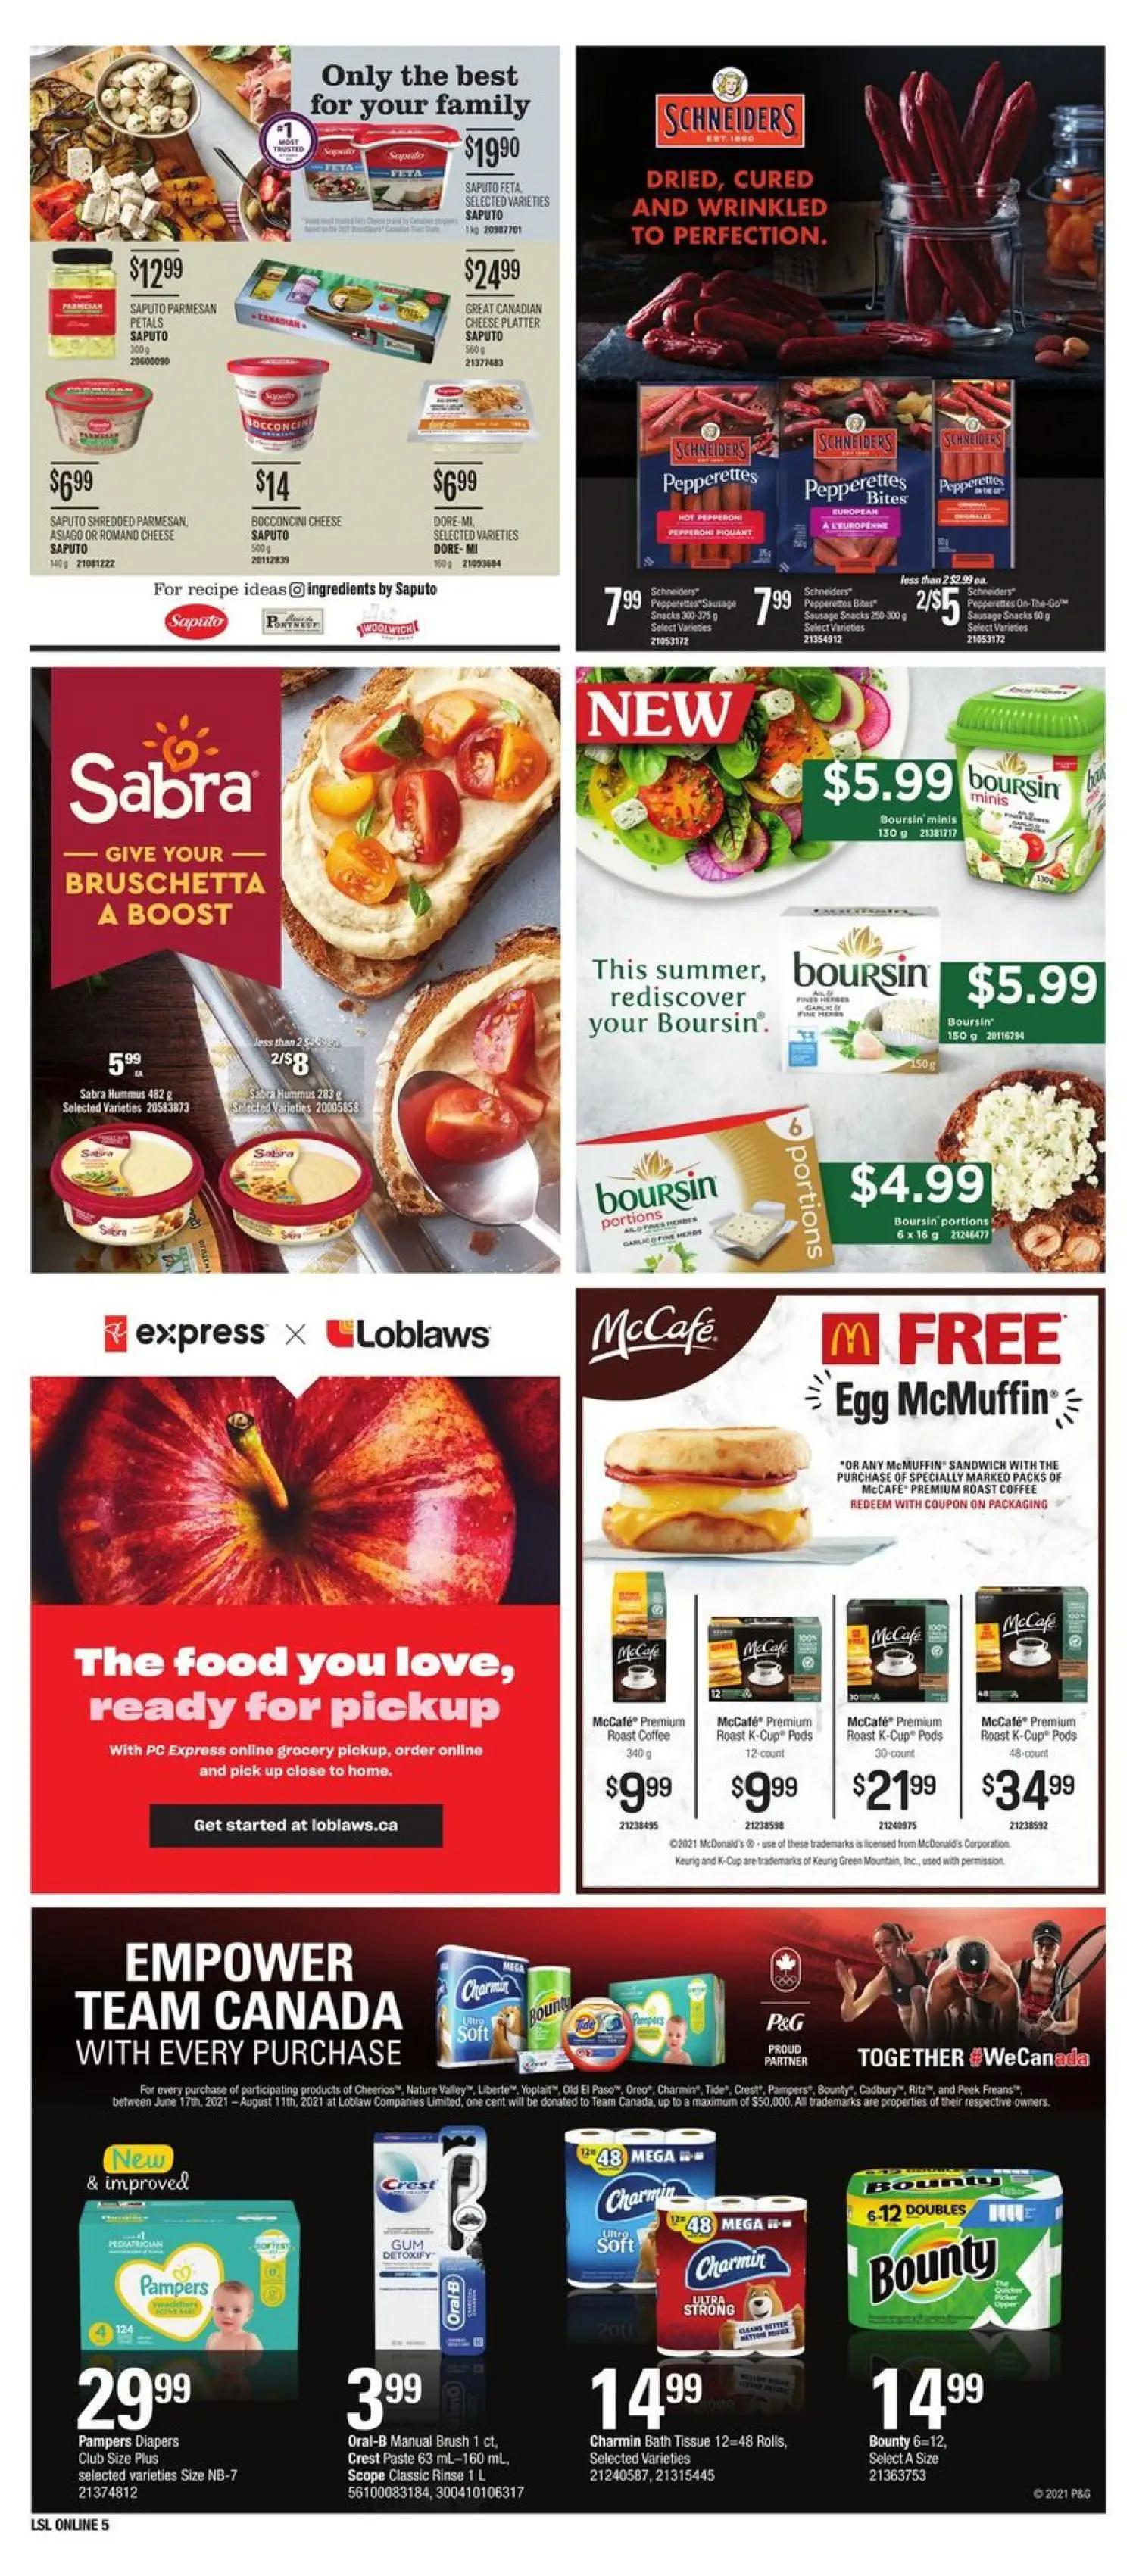 Loblaws - Weekly Flyer Specials - Page 10